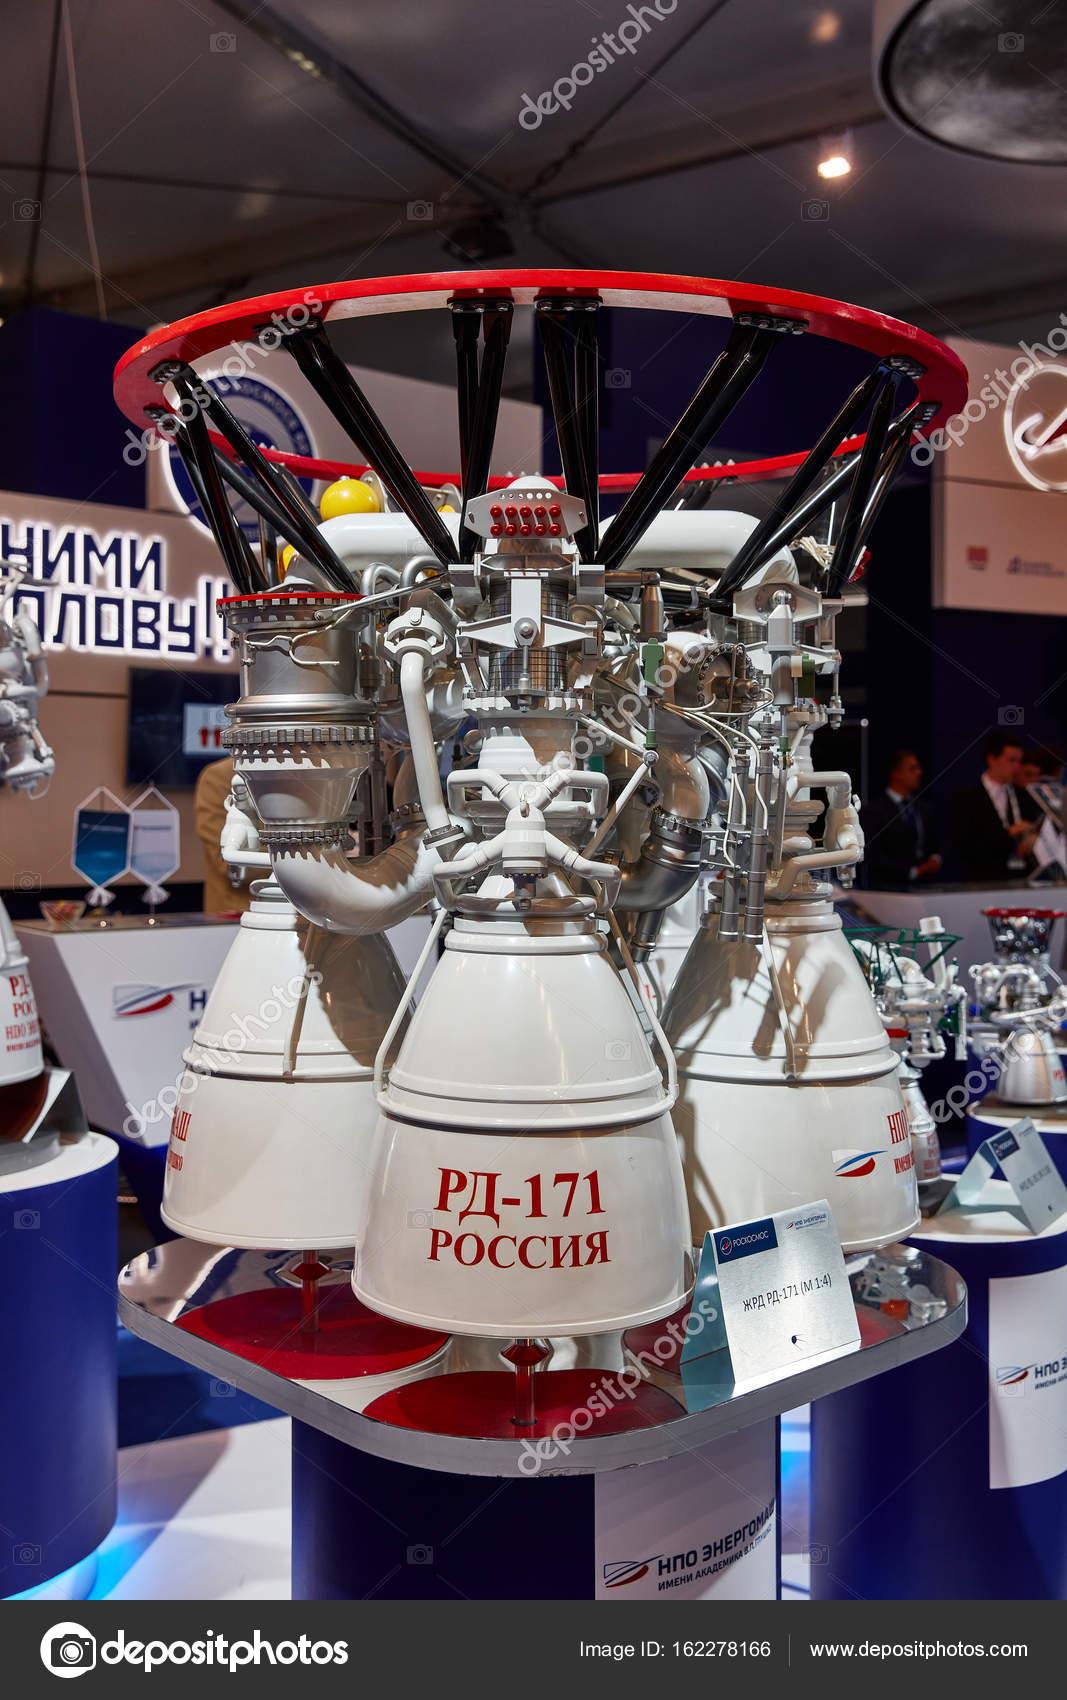 Jet ракетный двигатель РД-171. Макс-2017 салон. Жуковский, Россия - July18  — Фото автора Baranov_Evgenii